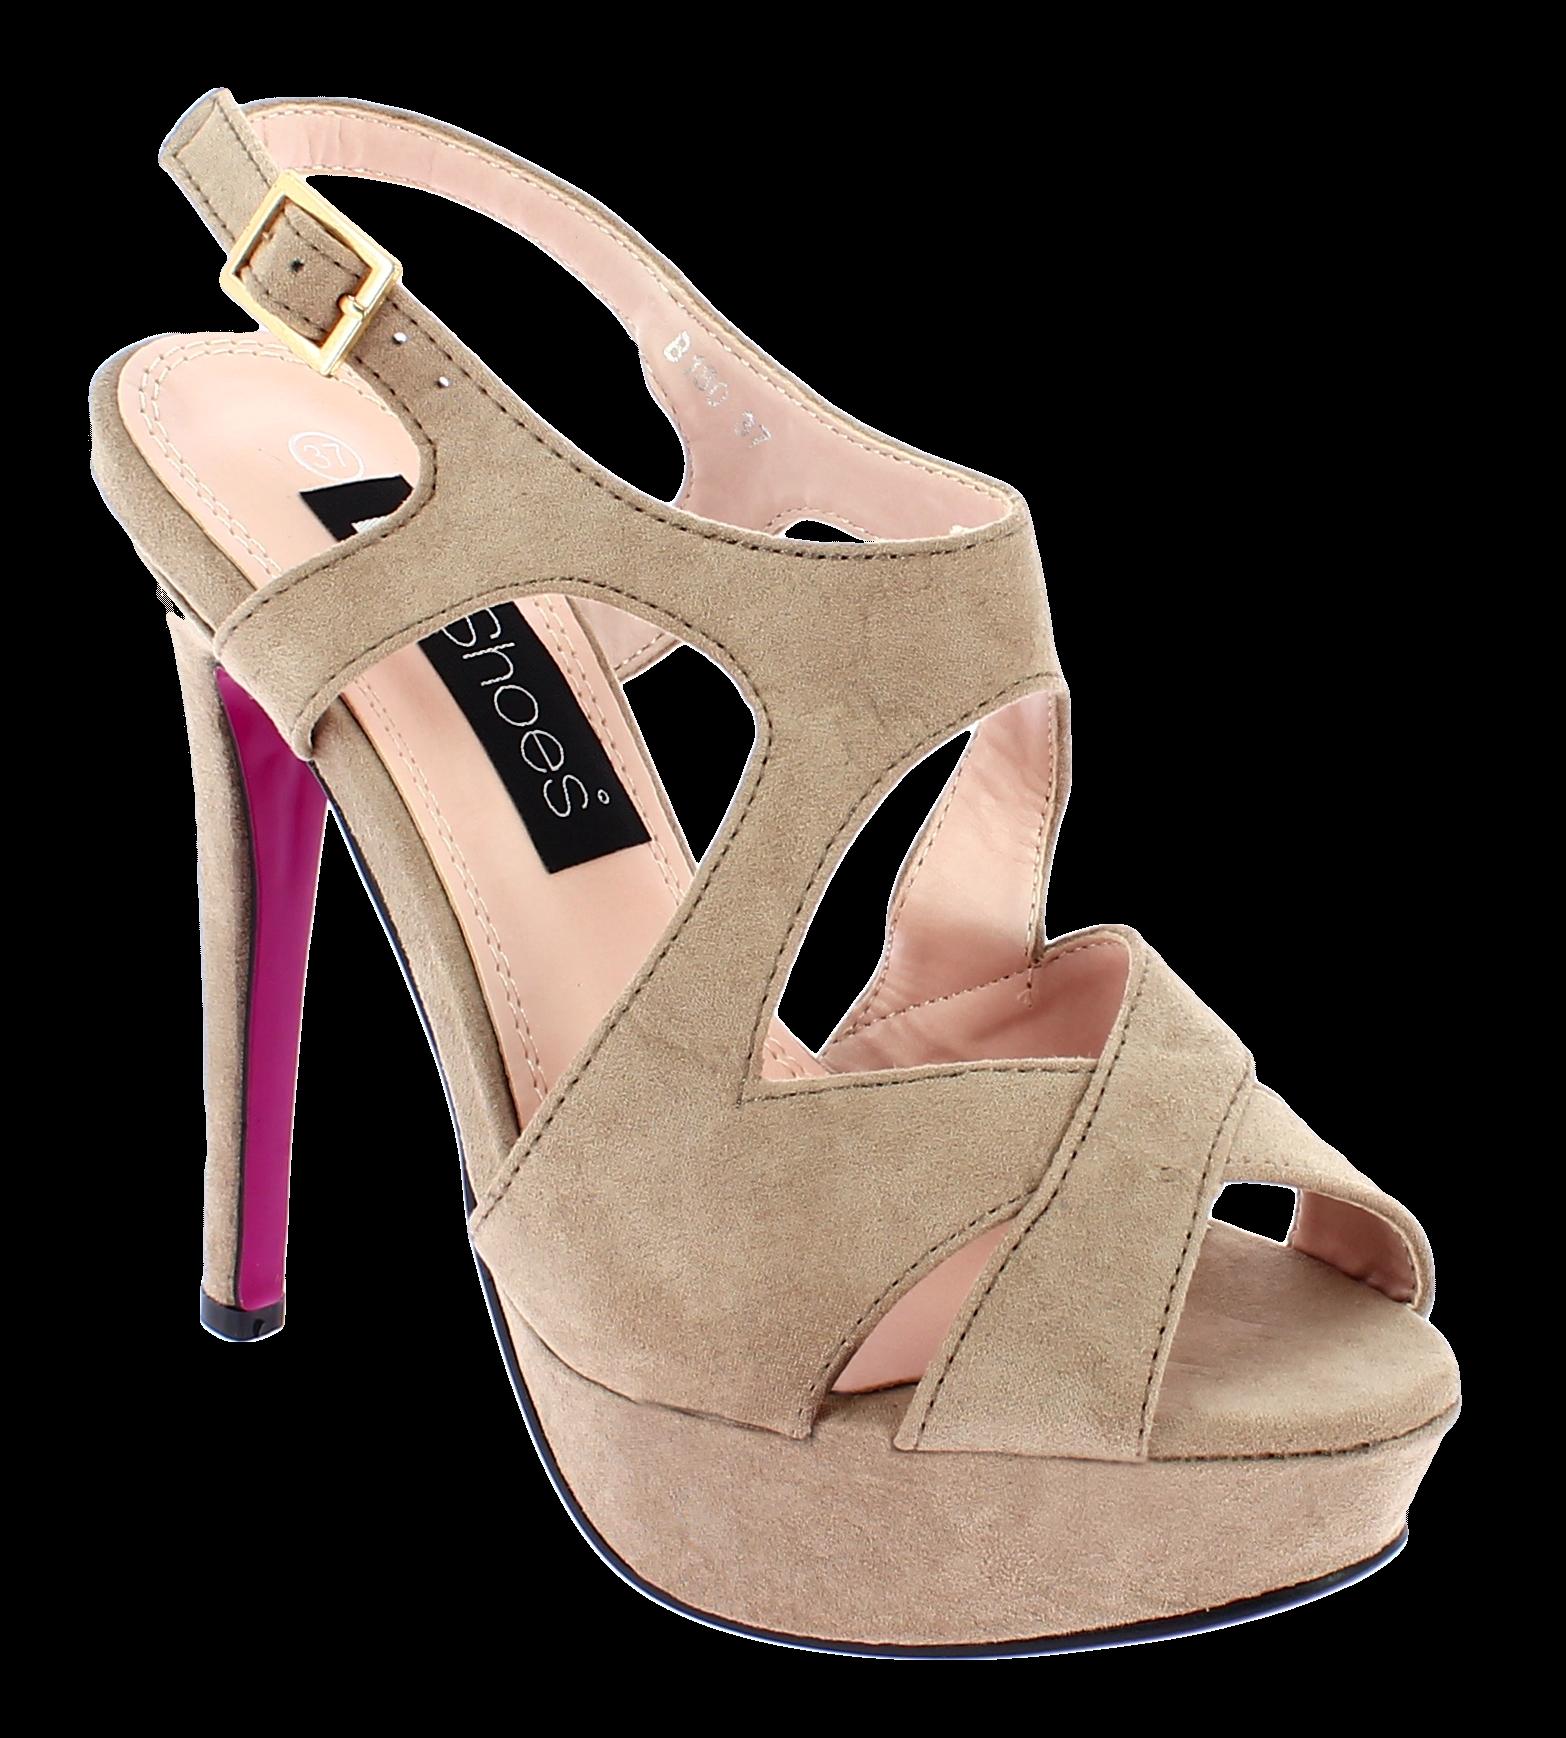 IQSHOES Γυναικείο Πέδιλο B180 Μπεζ - IqShoes - B180 BEIGE-IQSHOES-beige-37/1/7/2 παπούτσια  γυναικεία σανδάλια   πέδιλα